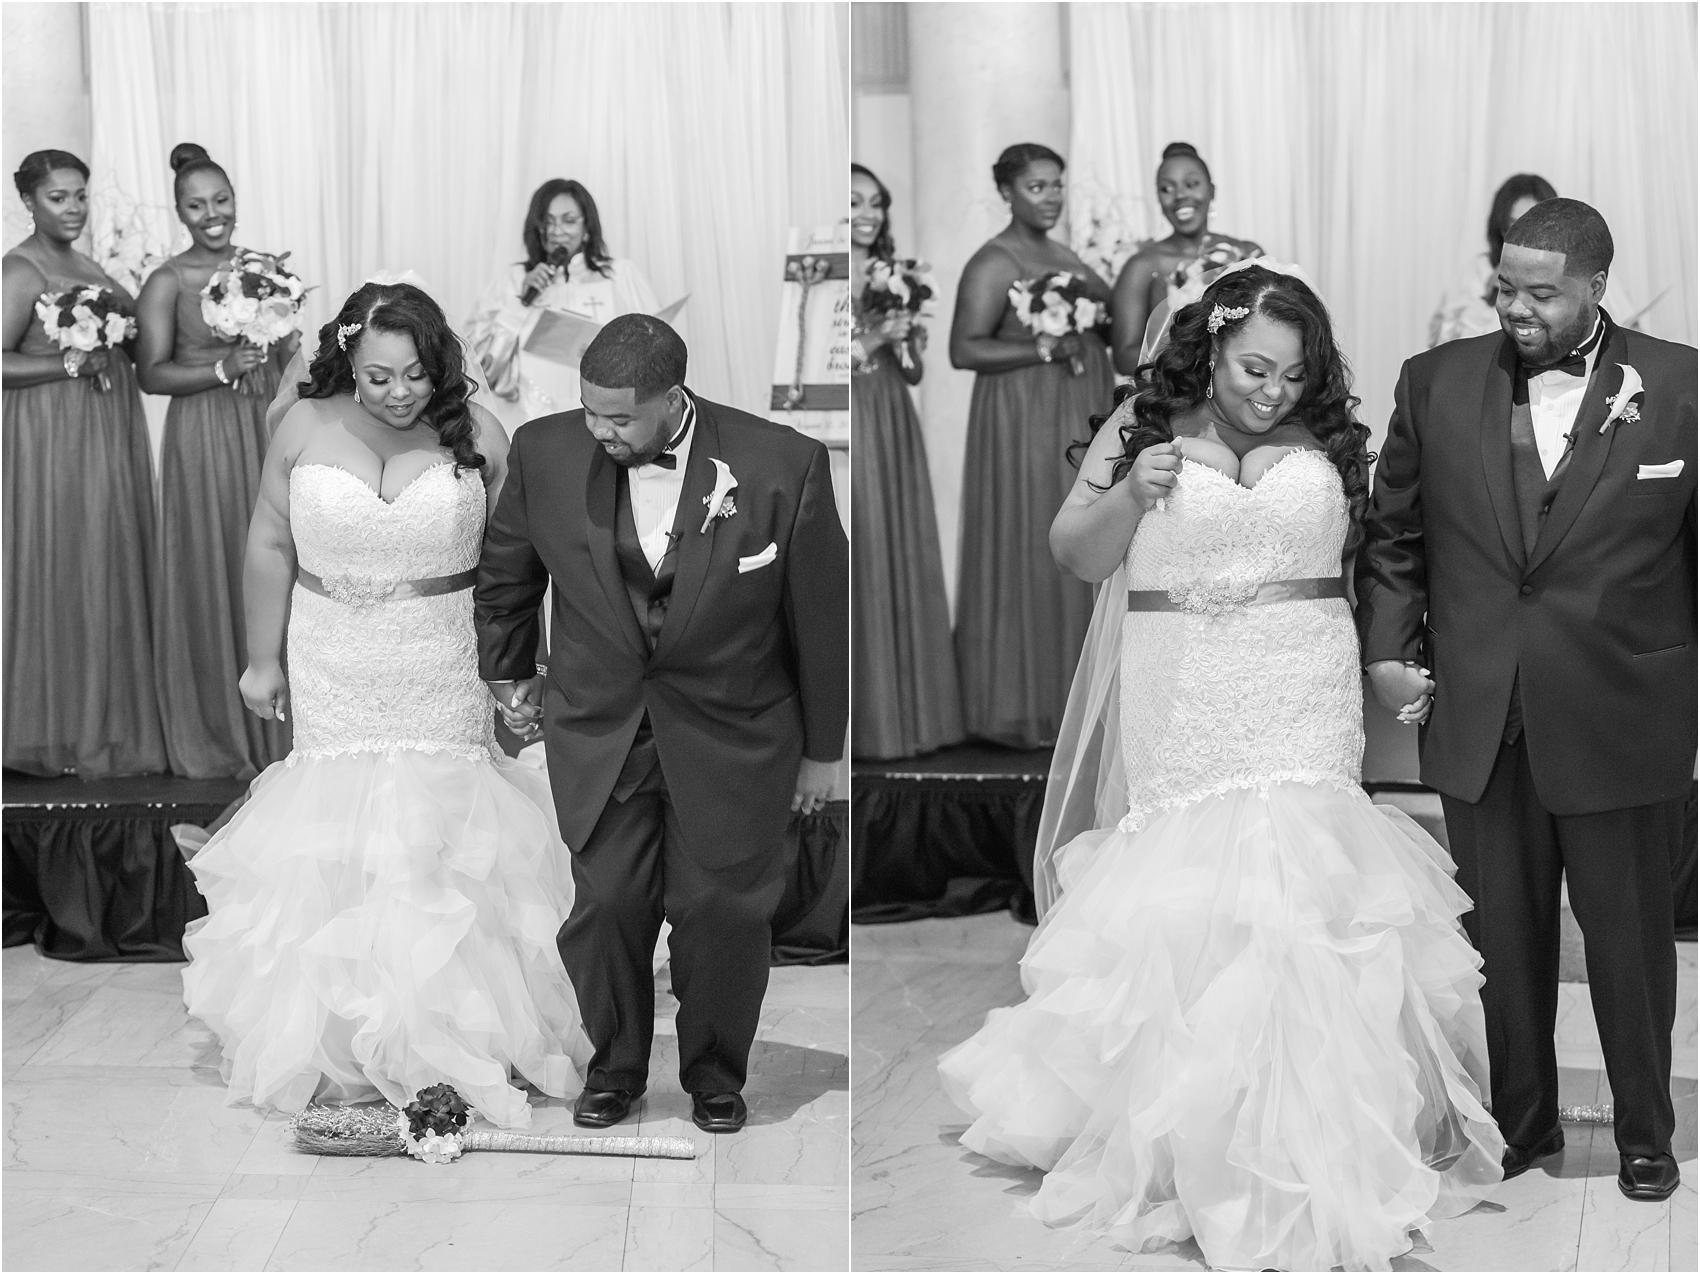 minimalist-and-modern-wedding-photos-at-30-north-saginaw-in-pontiac-michigan-by-courtney-carolyn-photography_0049.jpg